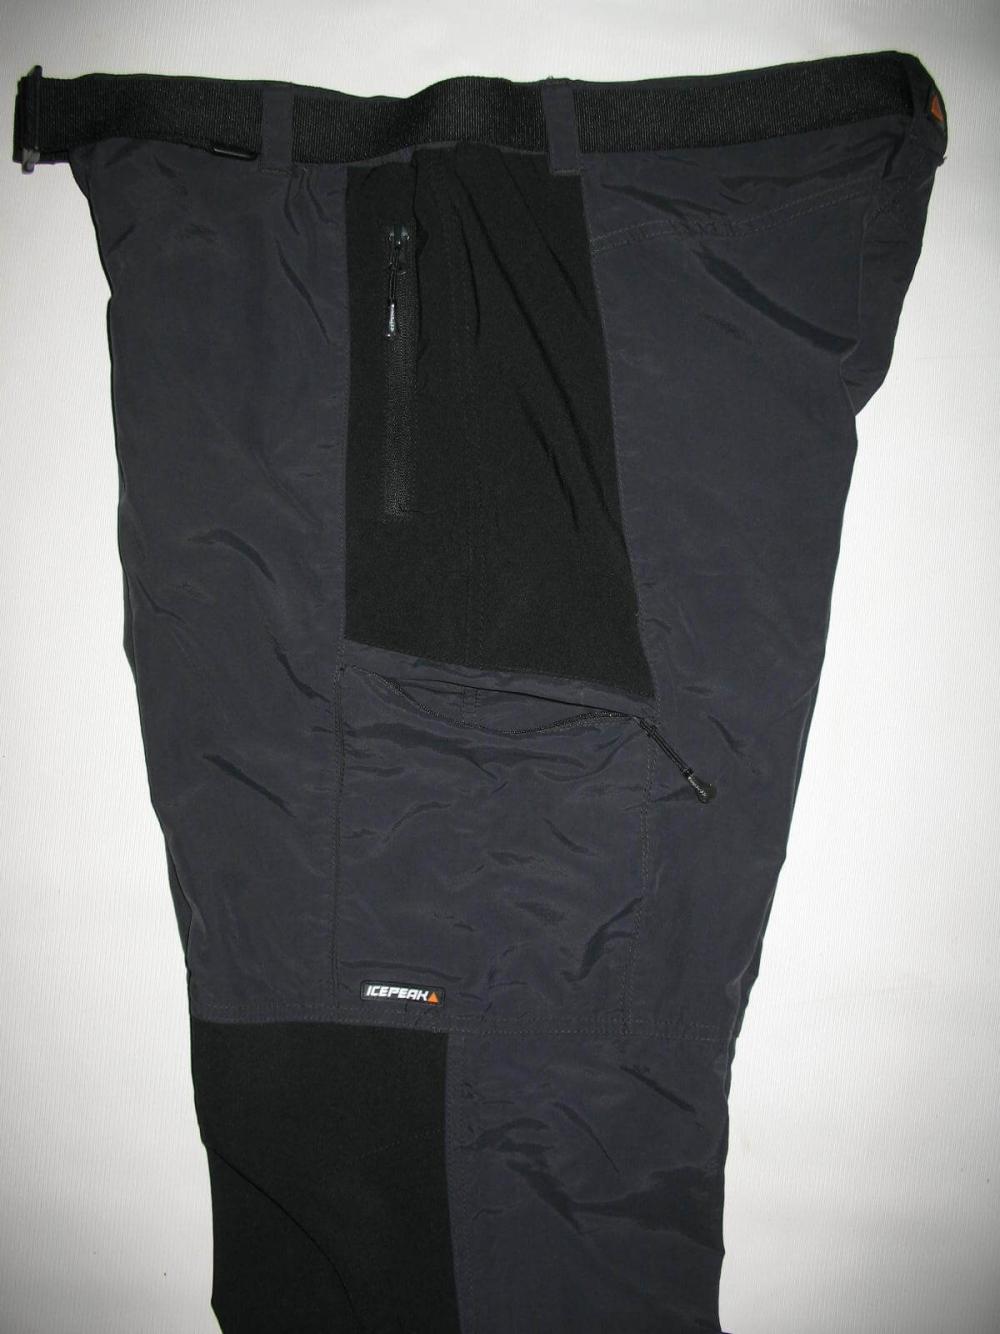 Штаны ICEPEAK Nano-Q outdoor pants (размер 54-XL) - 3